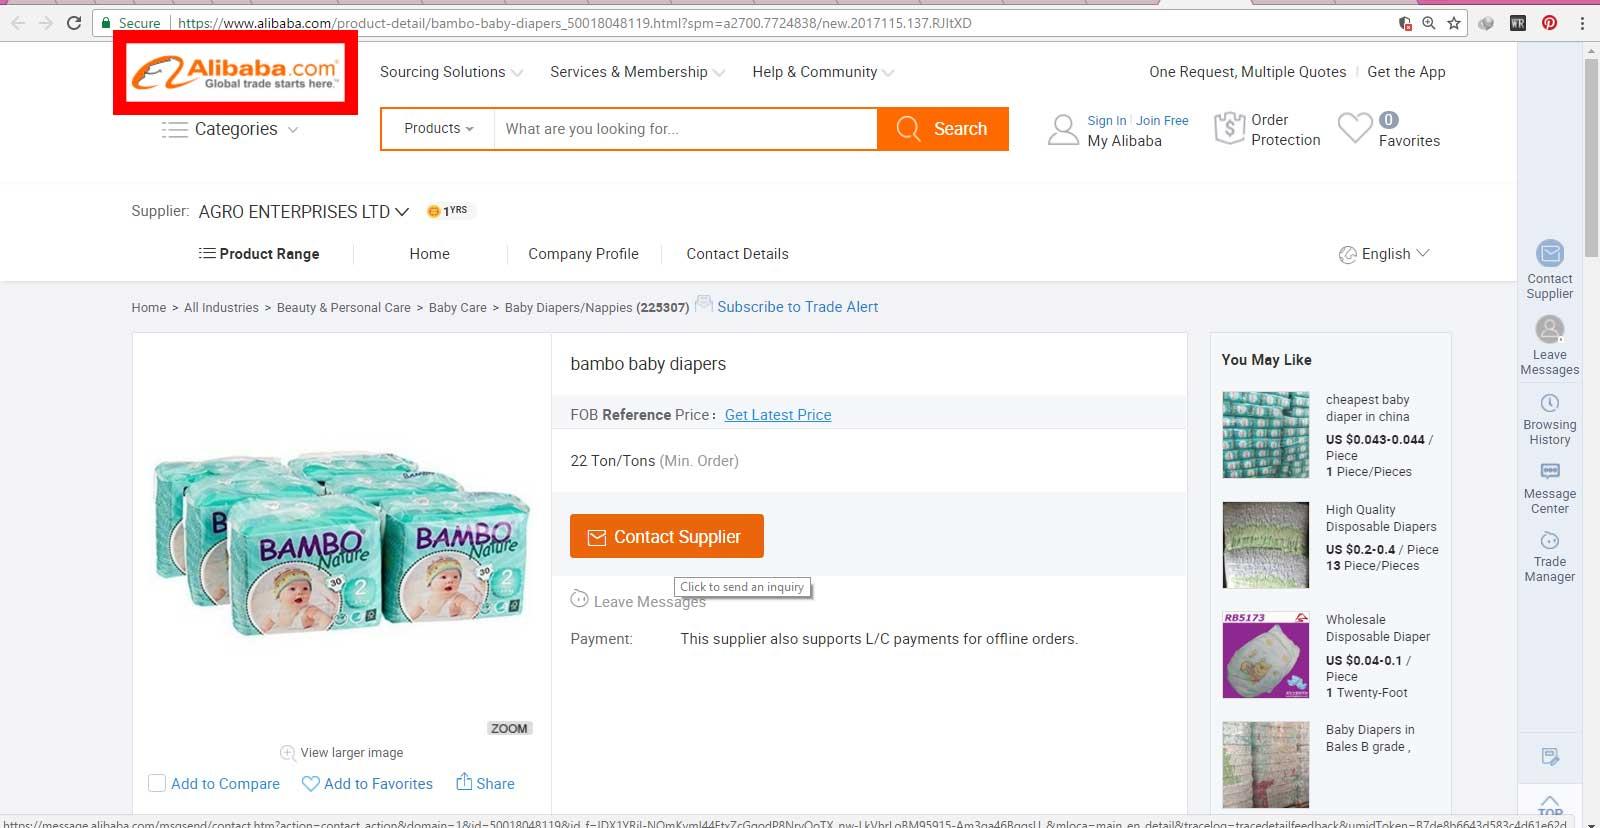 فروش پوشک بچه بامبو ساخت کشور دانمارک در سایت اینترنتی علی بابا